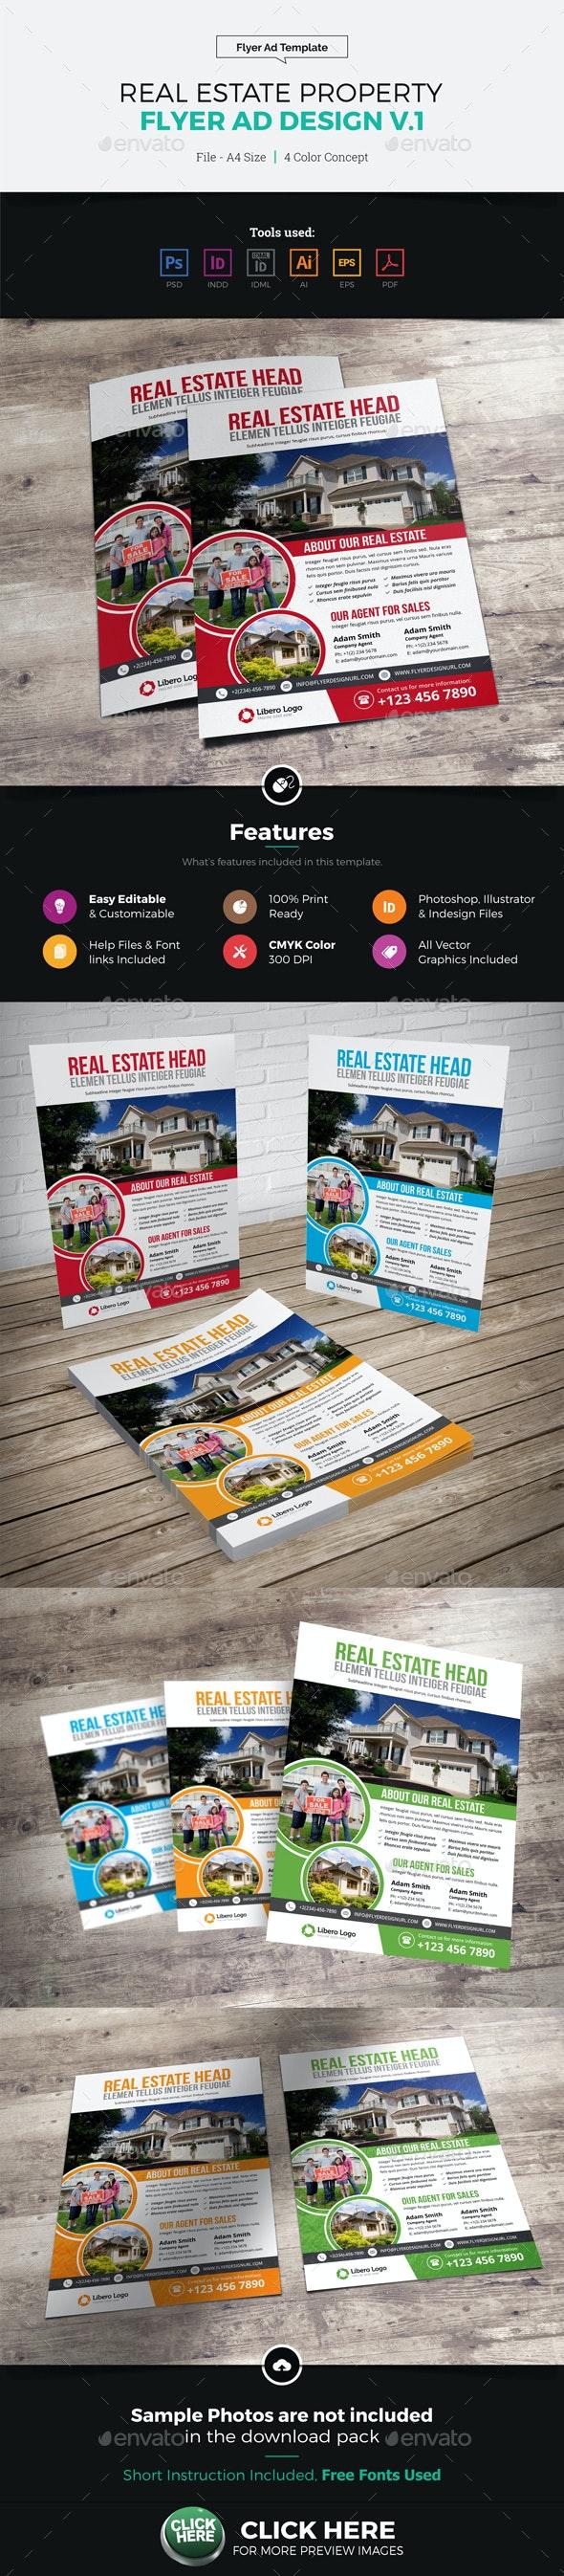 Real Estate Flyer Ad Design v1 - Corporate Flyers